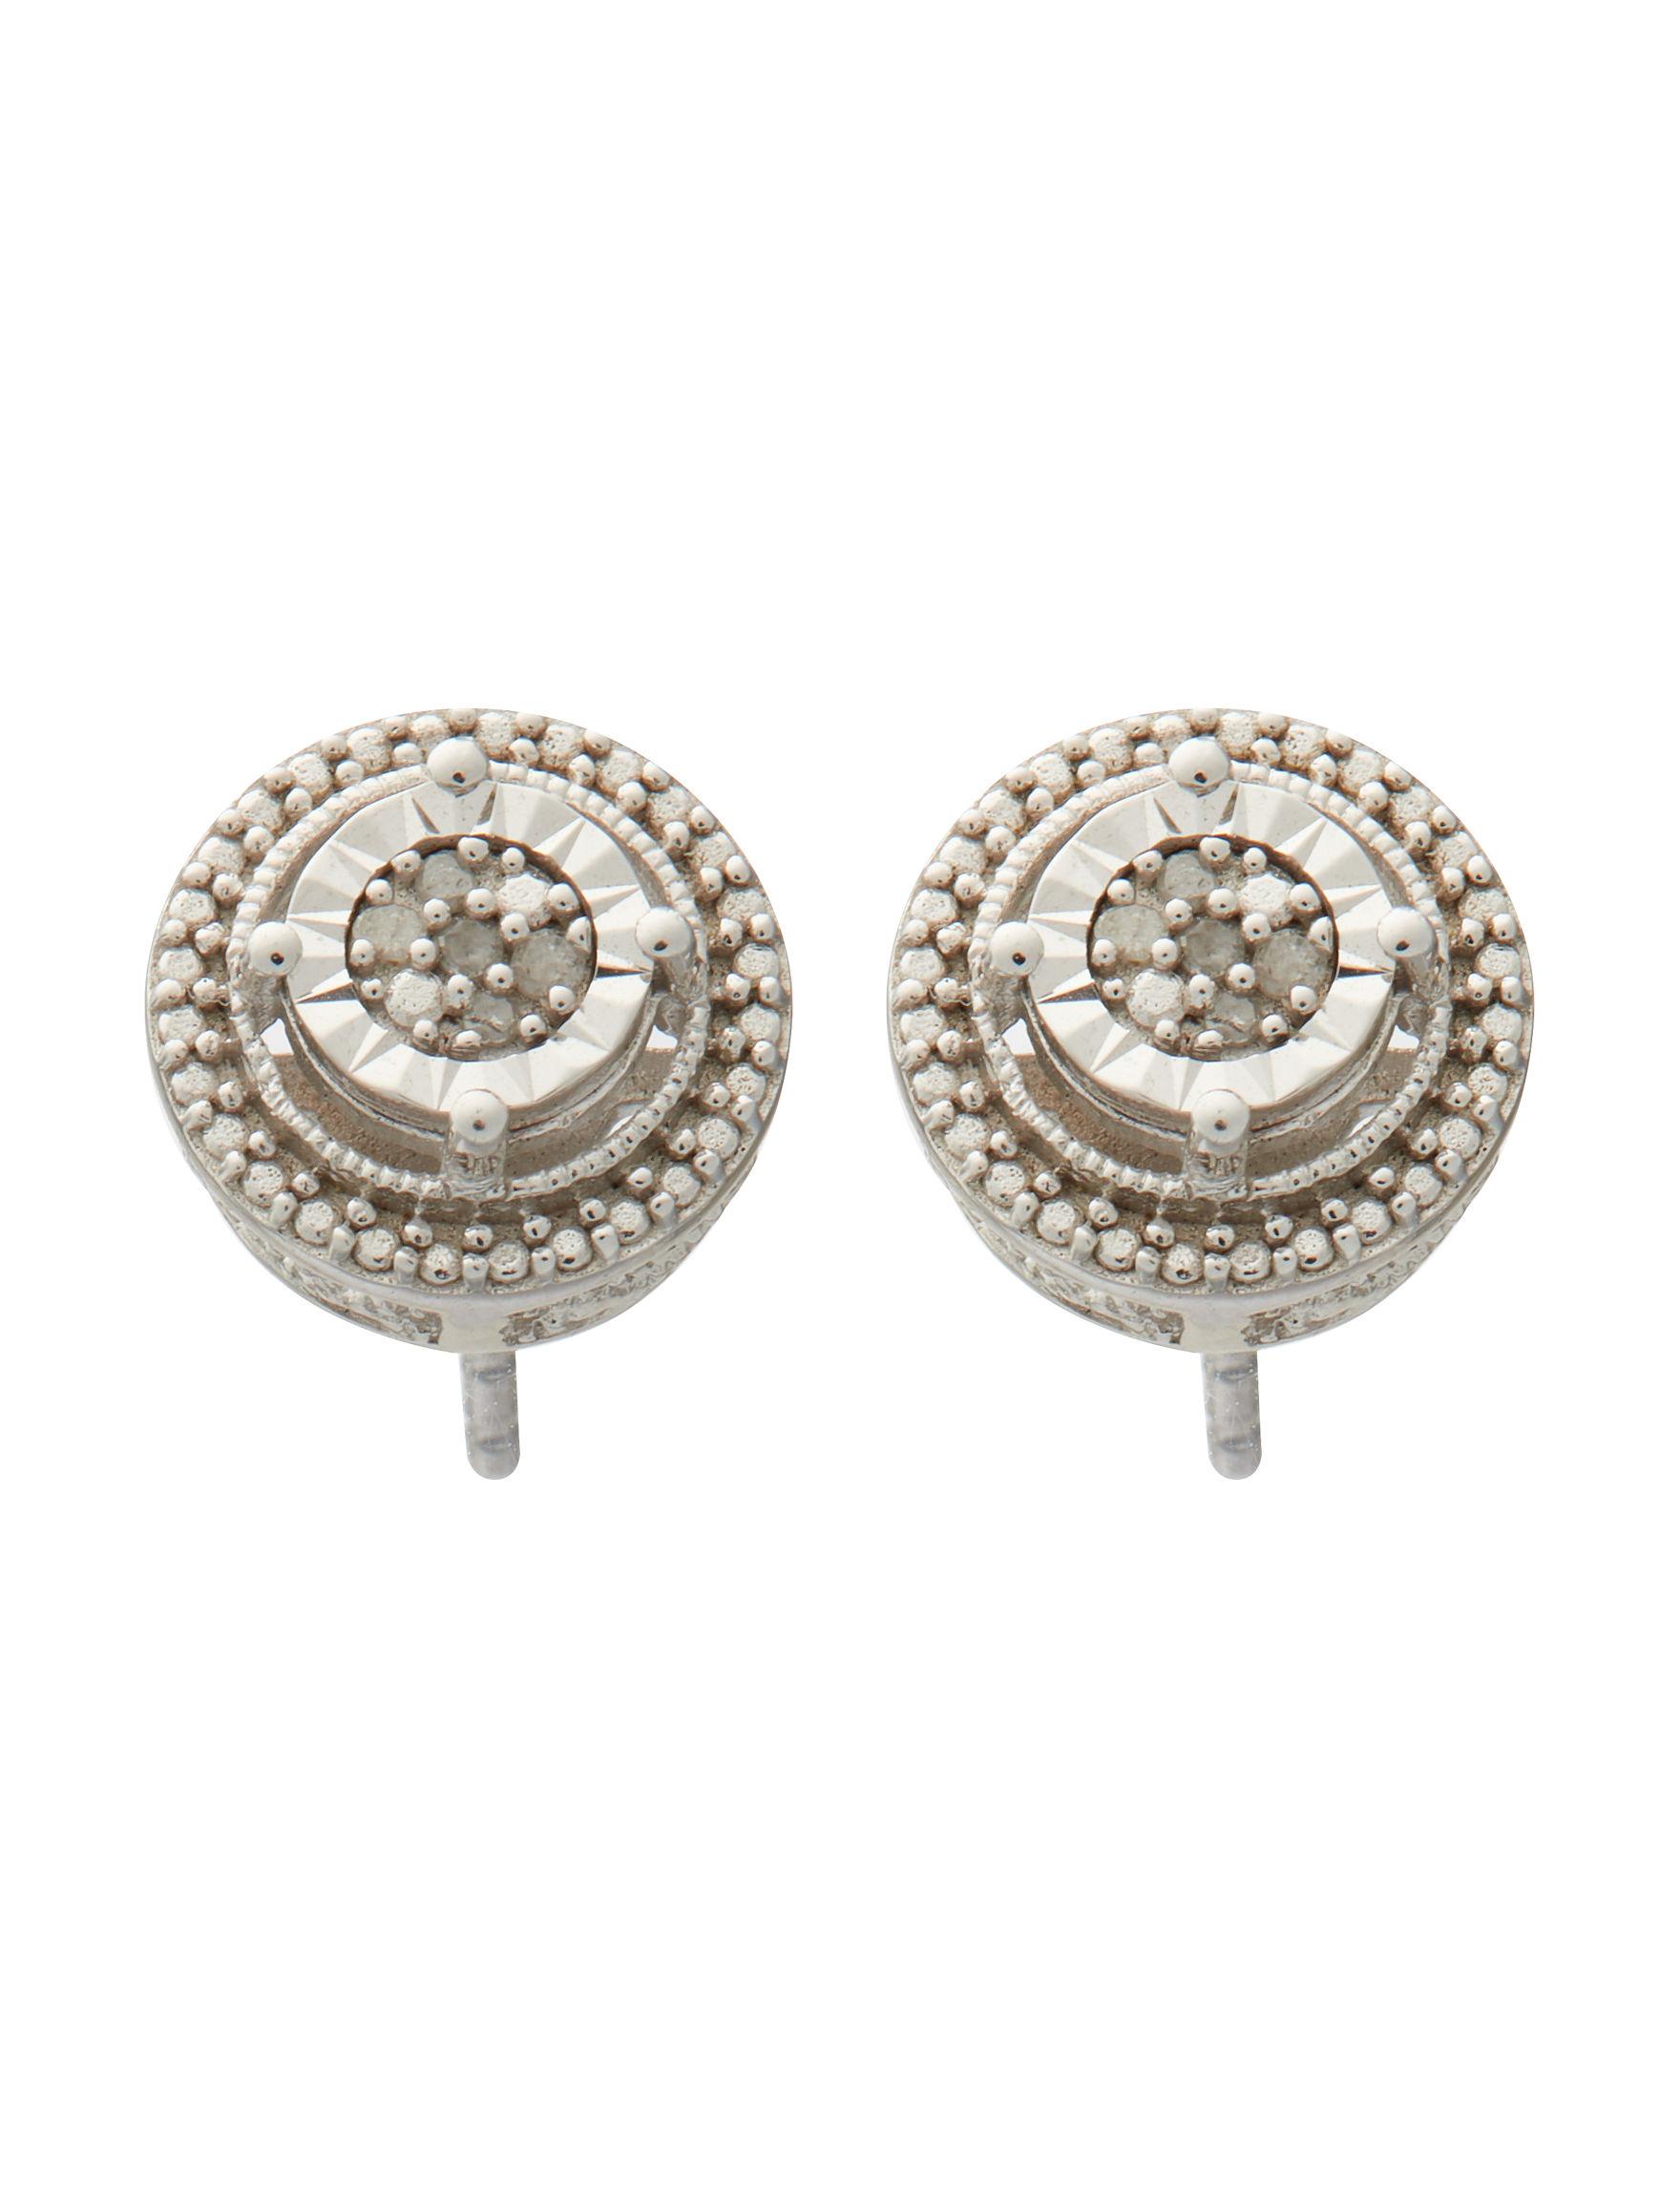 Marsala Sterling Silver / Diamond Studs Earrings Fine Jewelry